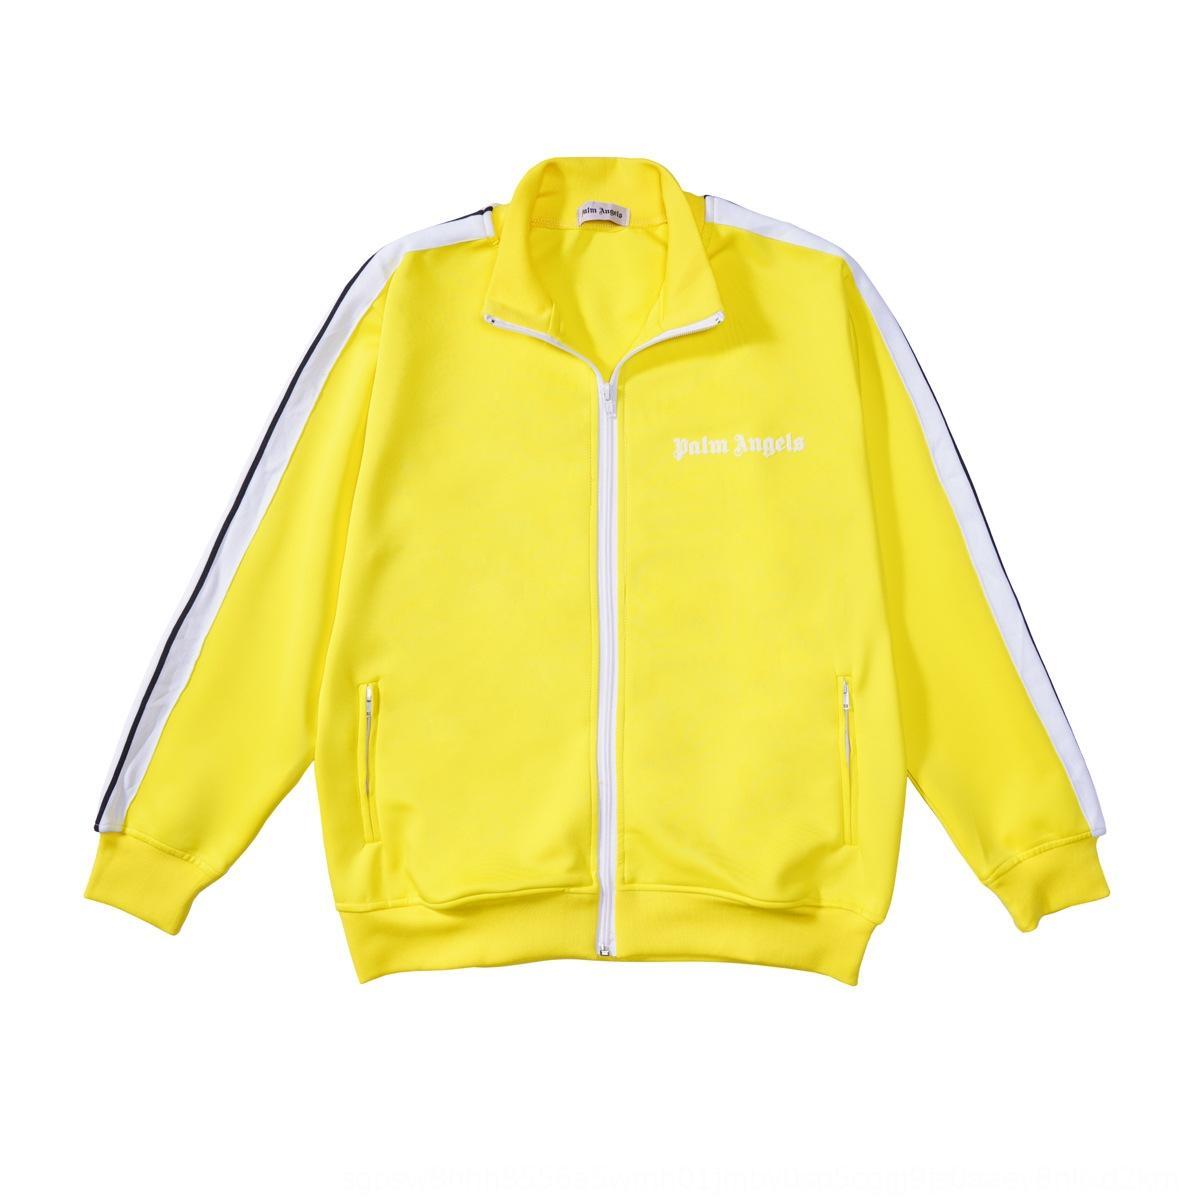 8hu1l marca de moda de ropa deportiva de palma palma de la cinta de la cinta clásica y un pantalón chaqueta de cremallera de la cremallera de la chaqueta ocasional de los hombres de las mujeres